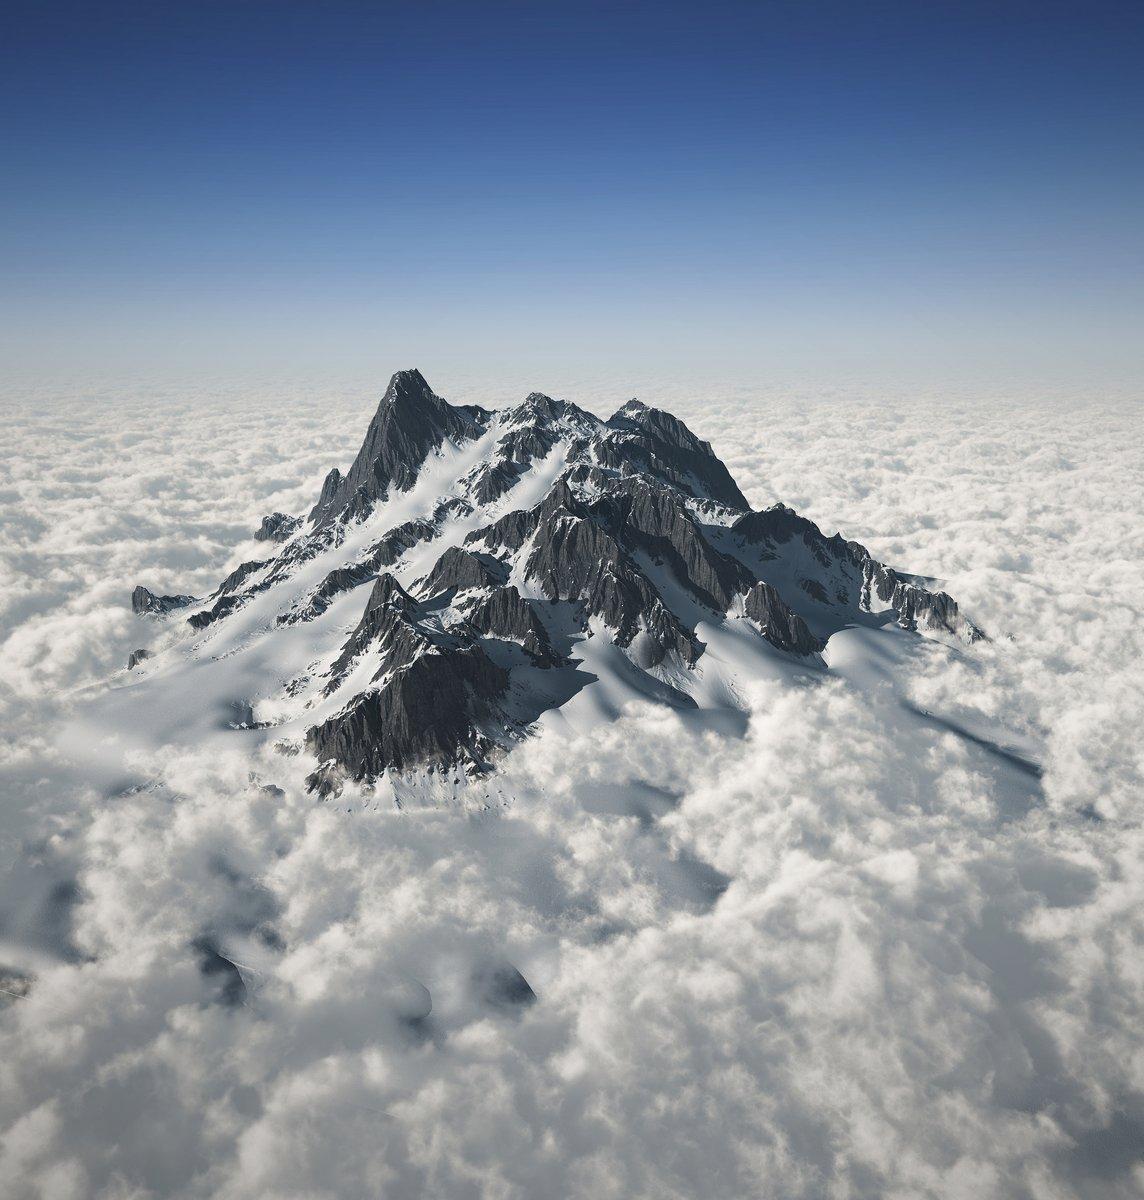 Постер Альпийский пейзаж Горная вершина, над облакамиАльпийский пейзаж<br>Постер на холсте или бумаге. Любого нужного вам размера. В раме или без. Подвес в комплекте. Трехслойная надежная упаковка. Доставим в любую точку России. Вам осталось только повесить картину на стену!<br>